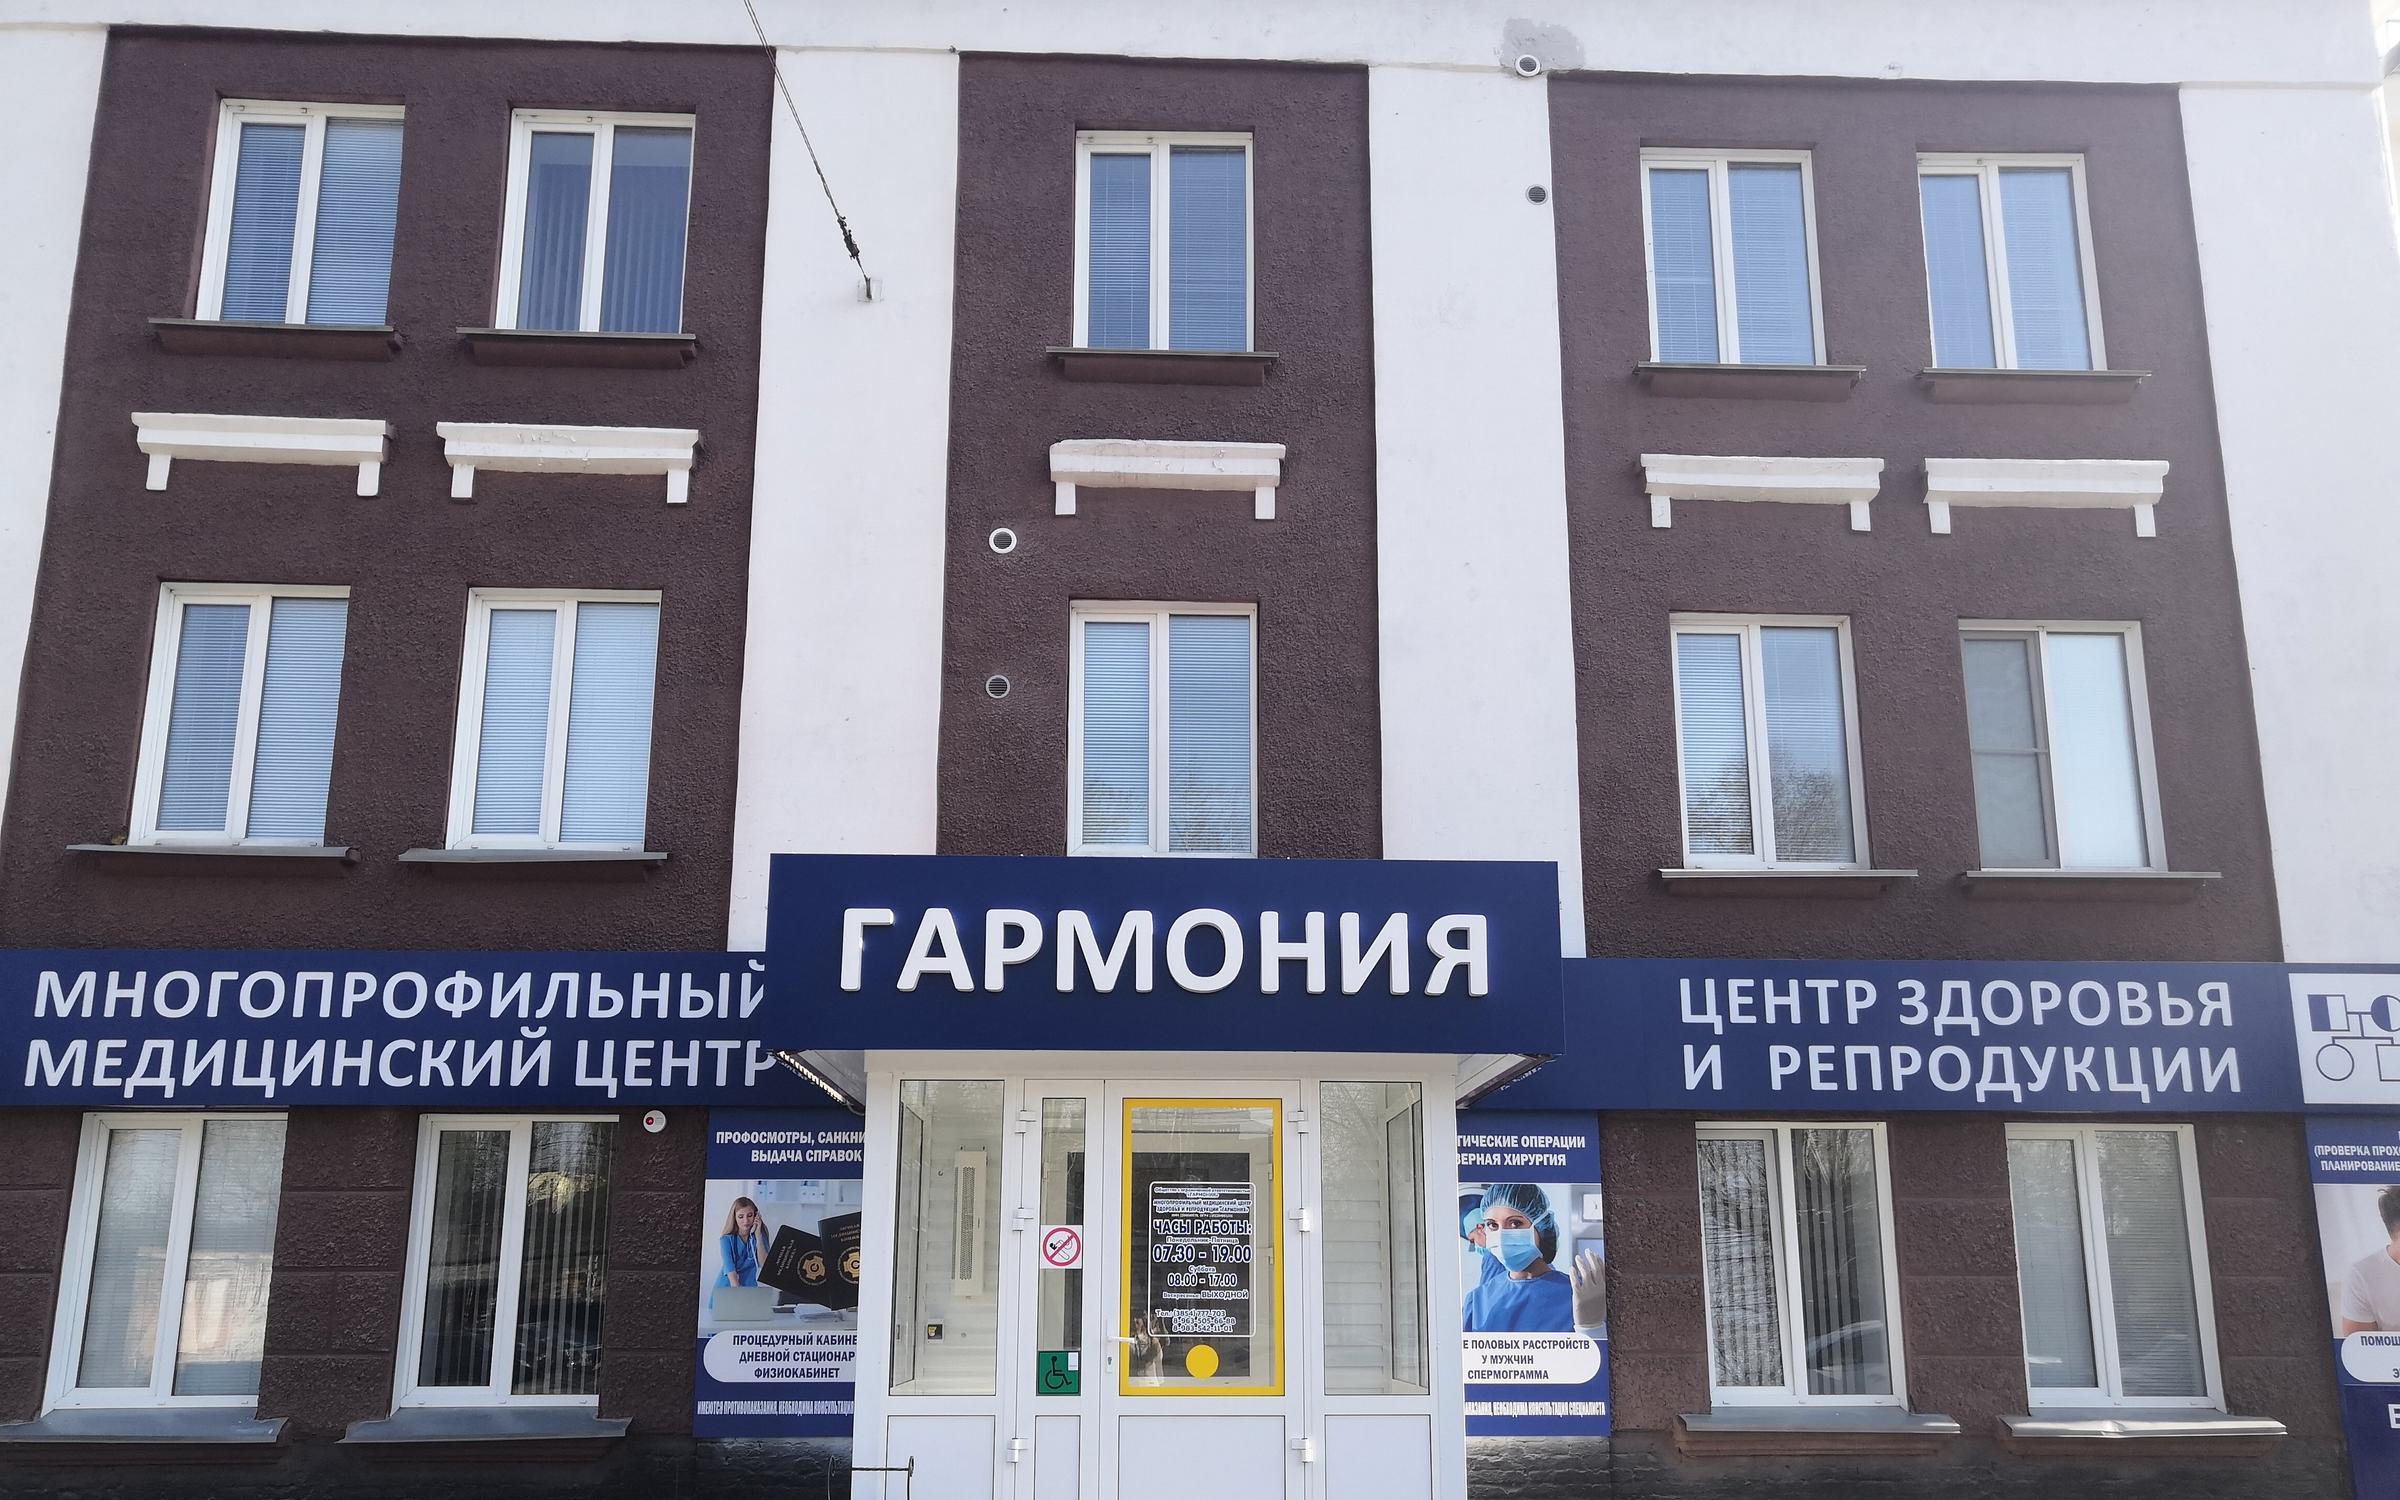 фотография Многопрофильного медицинского центра здоровья и репродукции Гармония на улице Петра Мерлина, 61